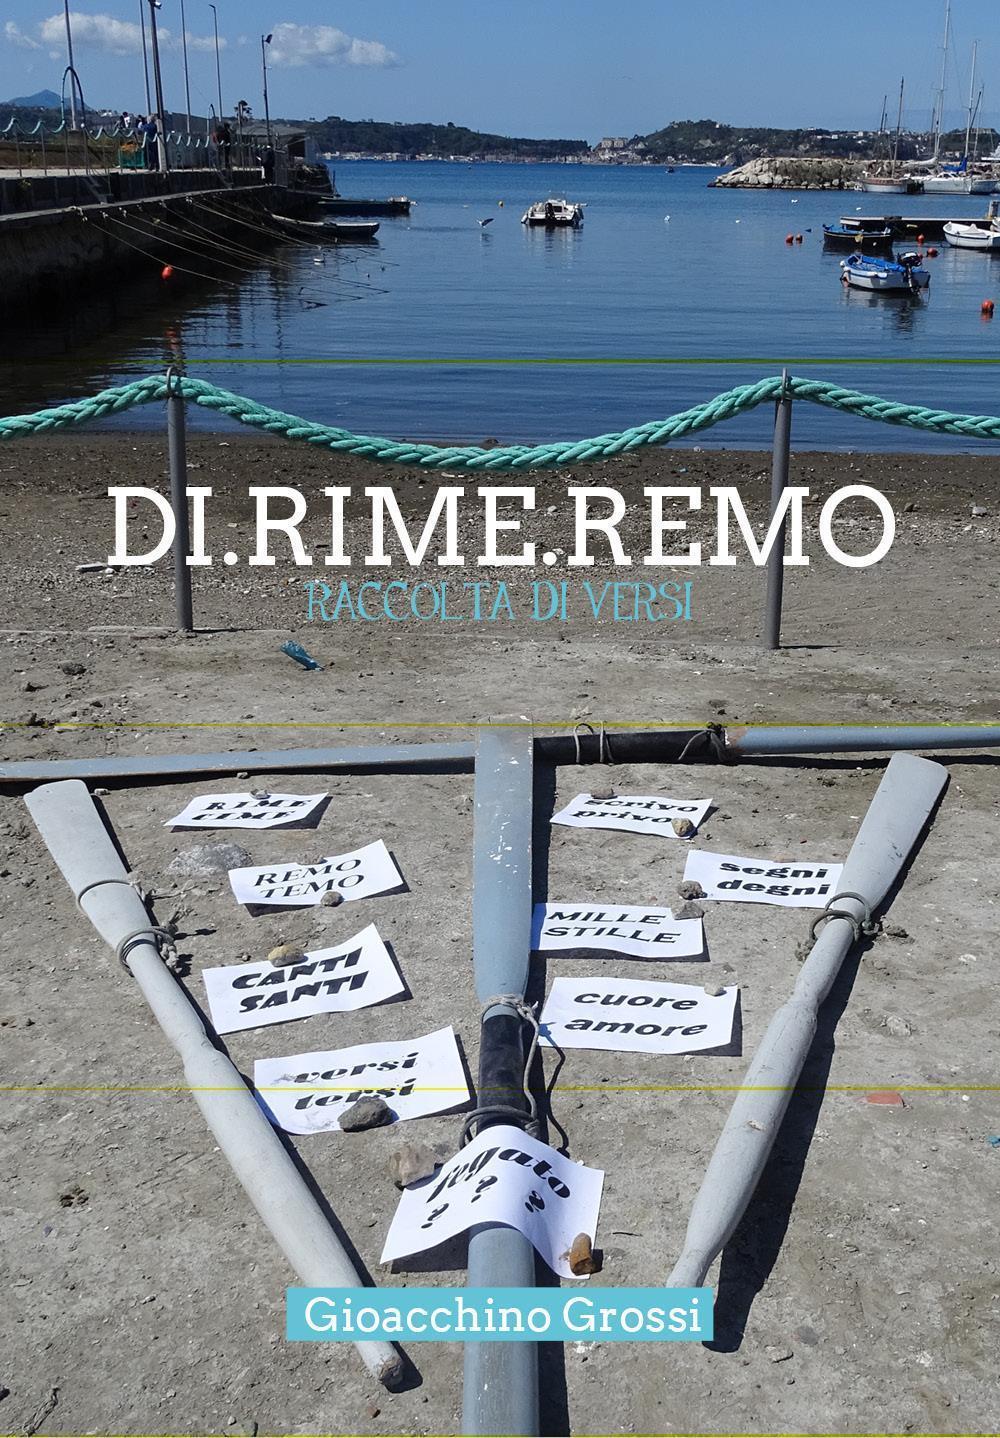 Di.rime.remo